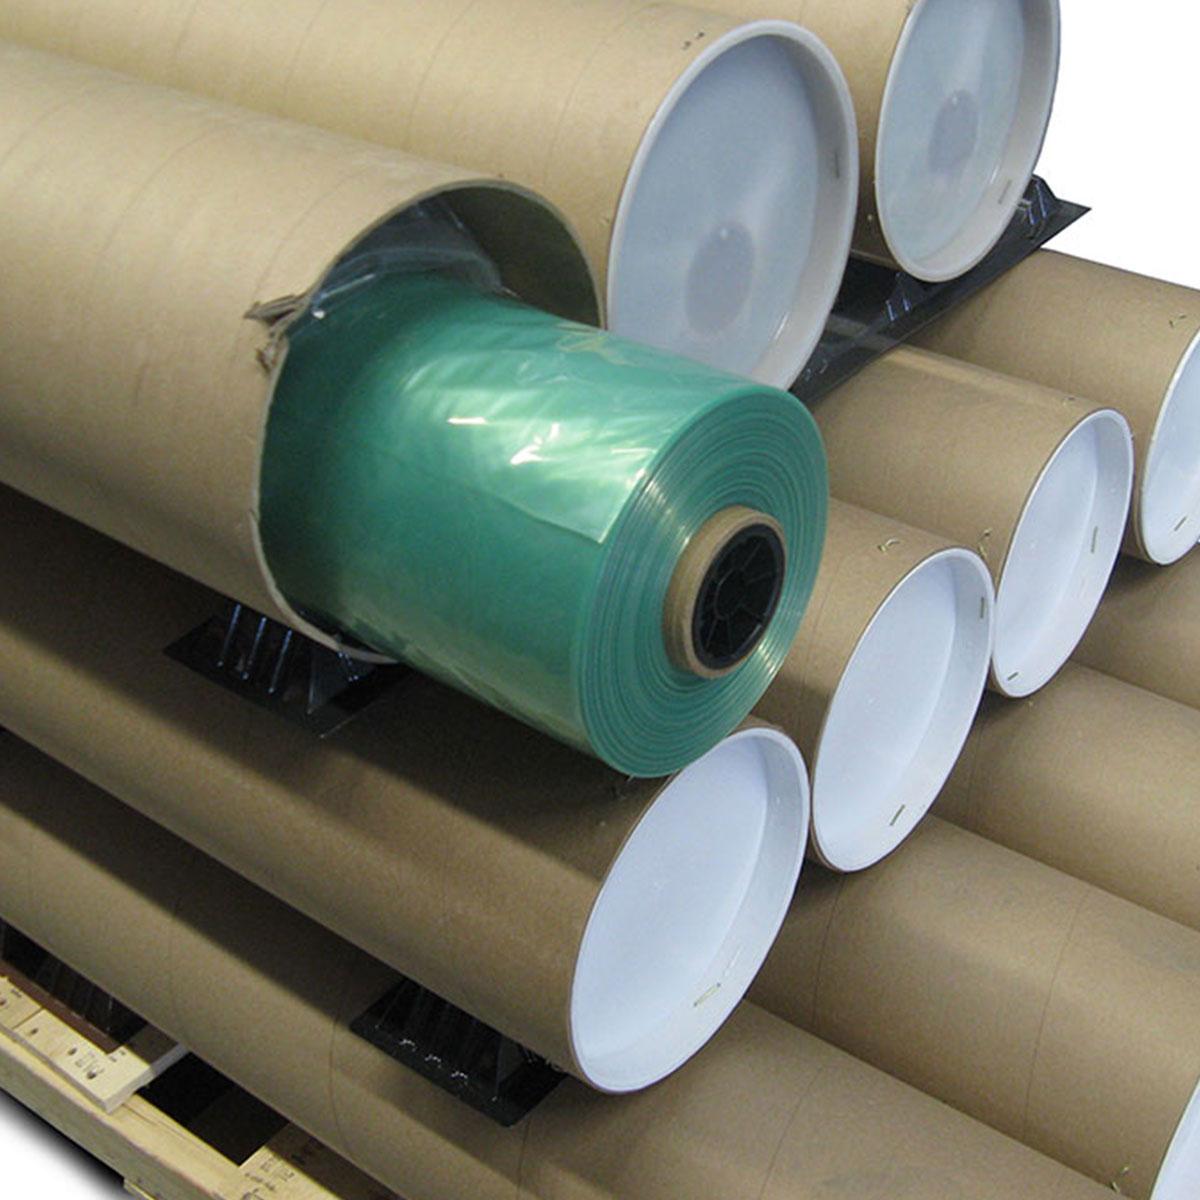 vakuum sack nylon 1500 grn sht 0076mm x 1500mm 525m 0003 x 60